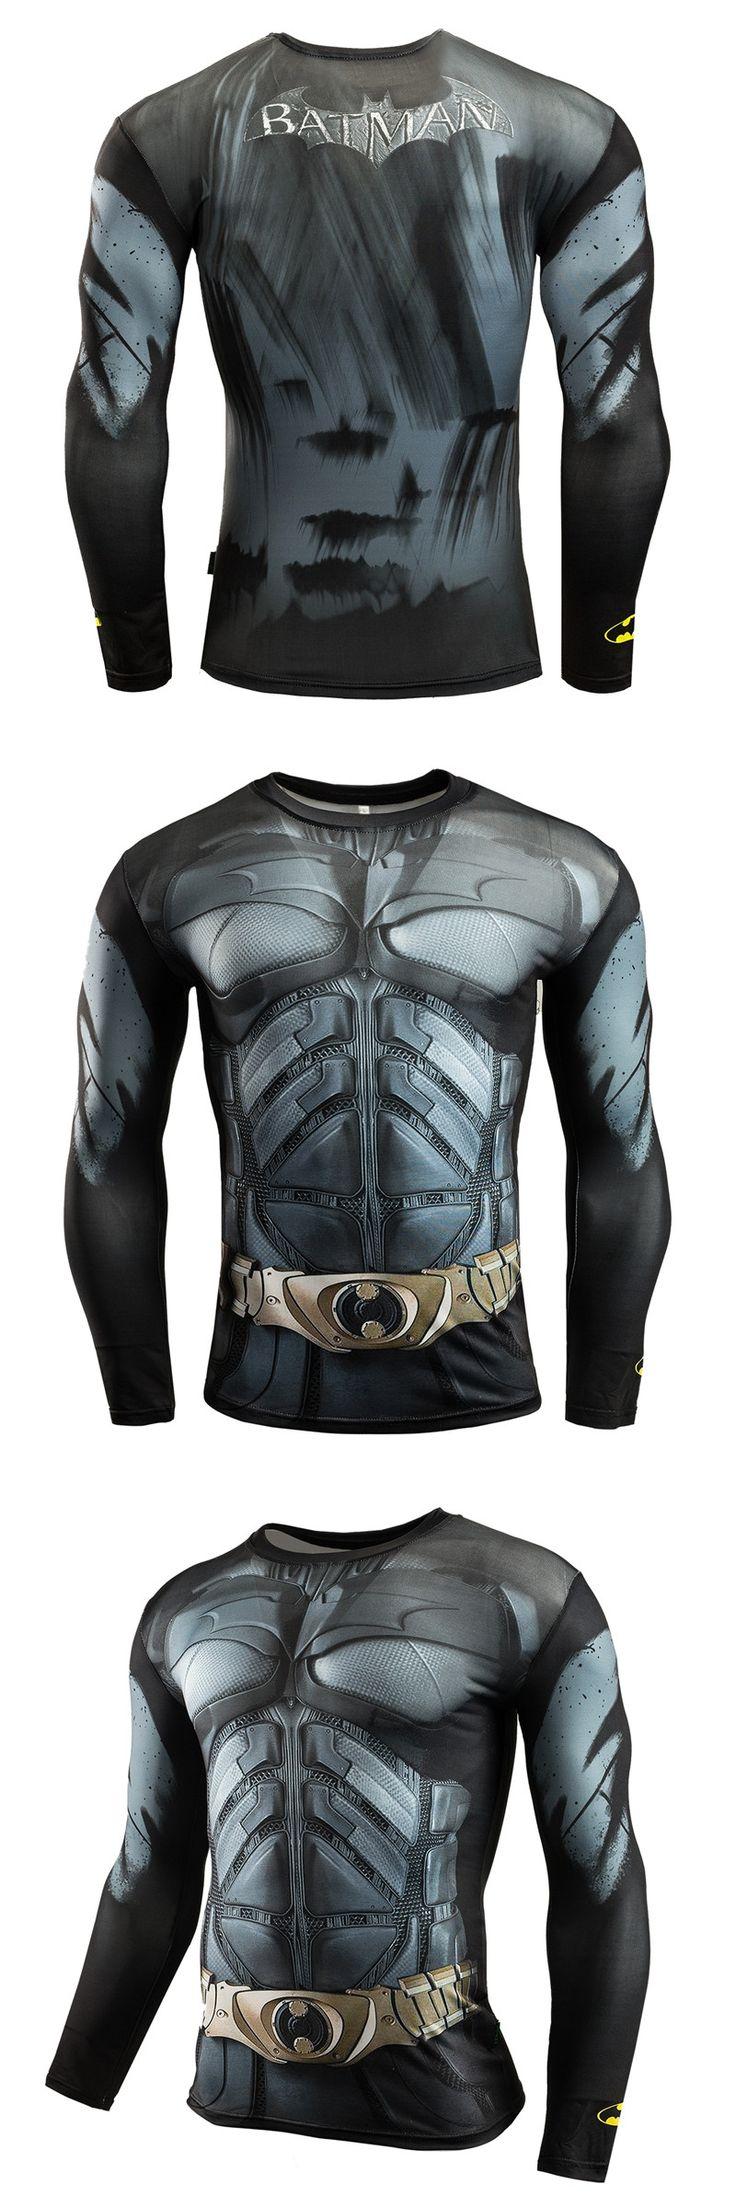 New Batman VS Superman t shirt Super Heroes T shirts Batman logo  T-Shirt